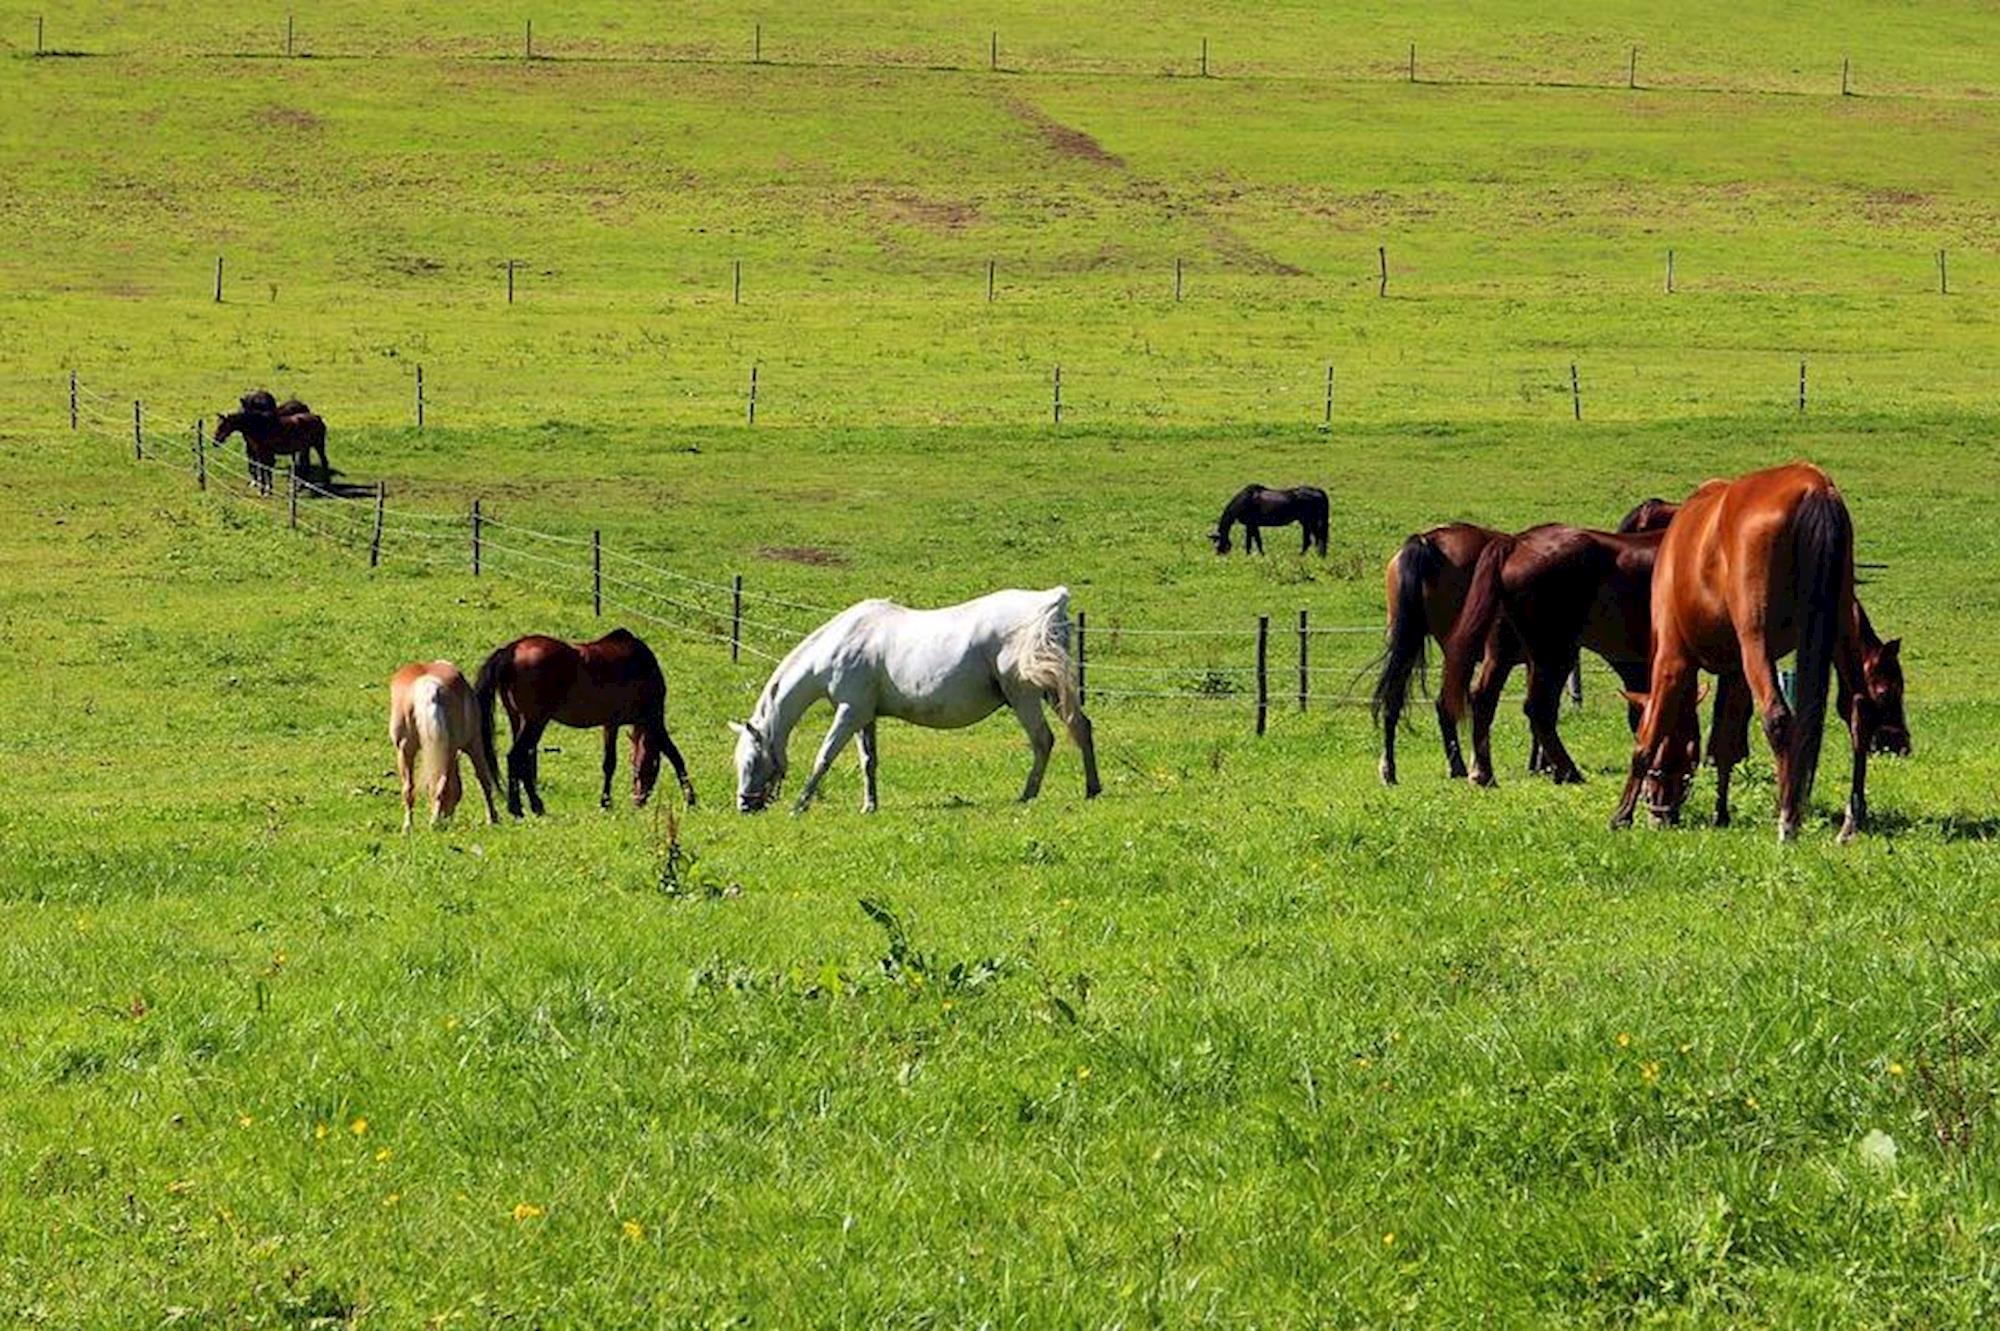 nutrição, pasto, pastagem, alimentação, equinos, cavalos,